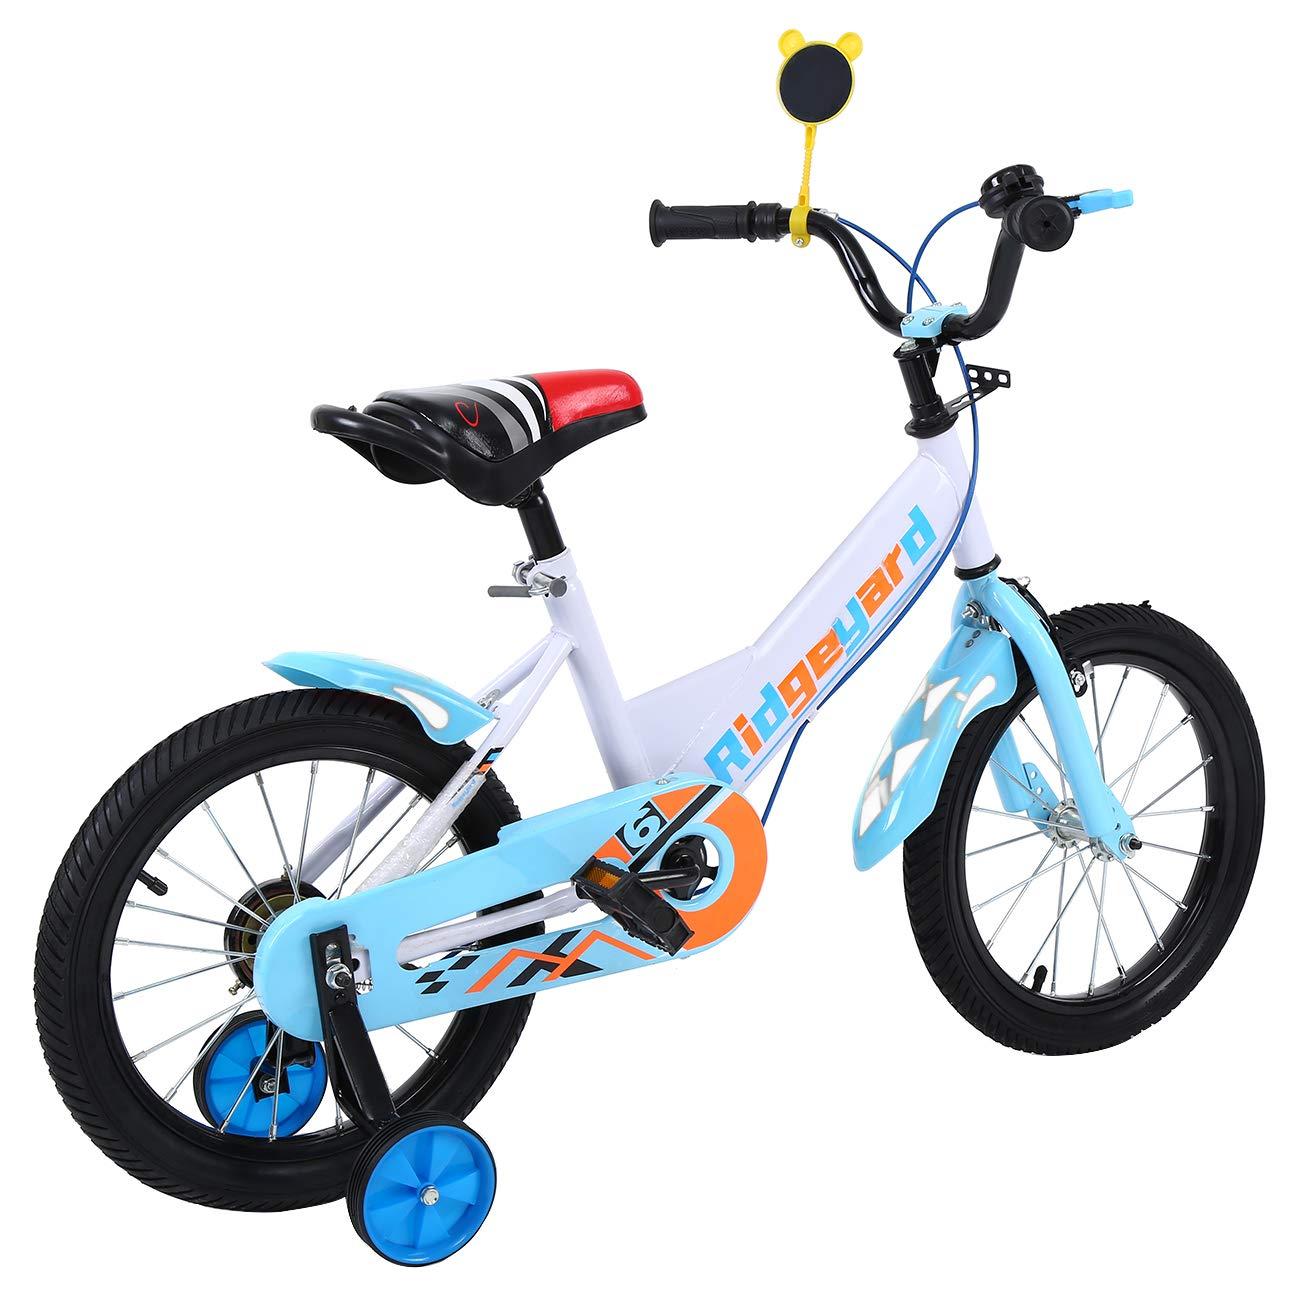 ridgeyard 16«los niños Kid equilibrio bebé estudio aprendizaje montando en bici niños niñas bicicleta de montaña